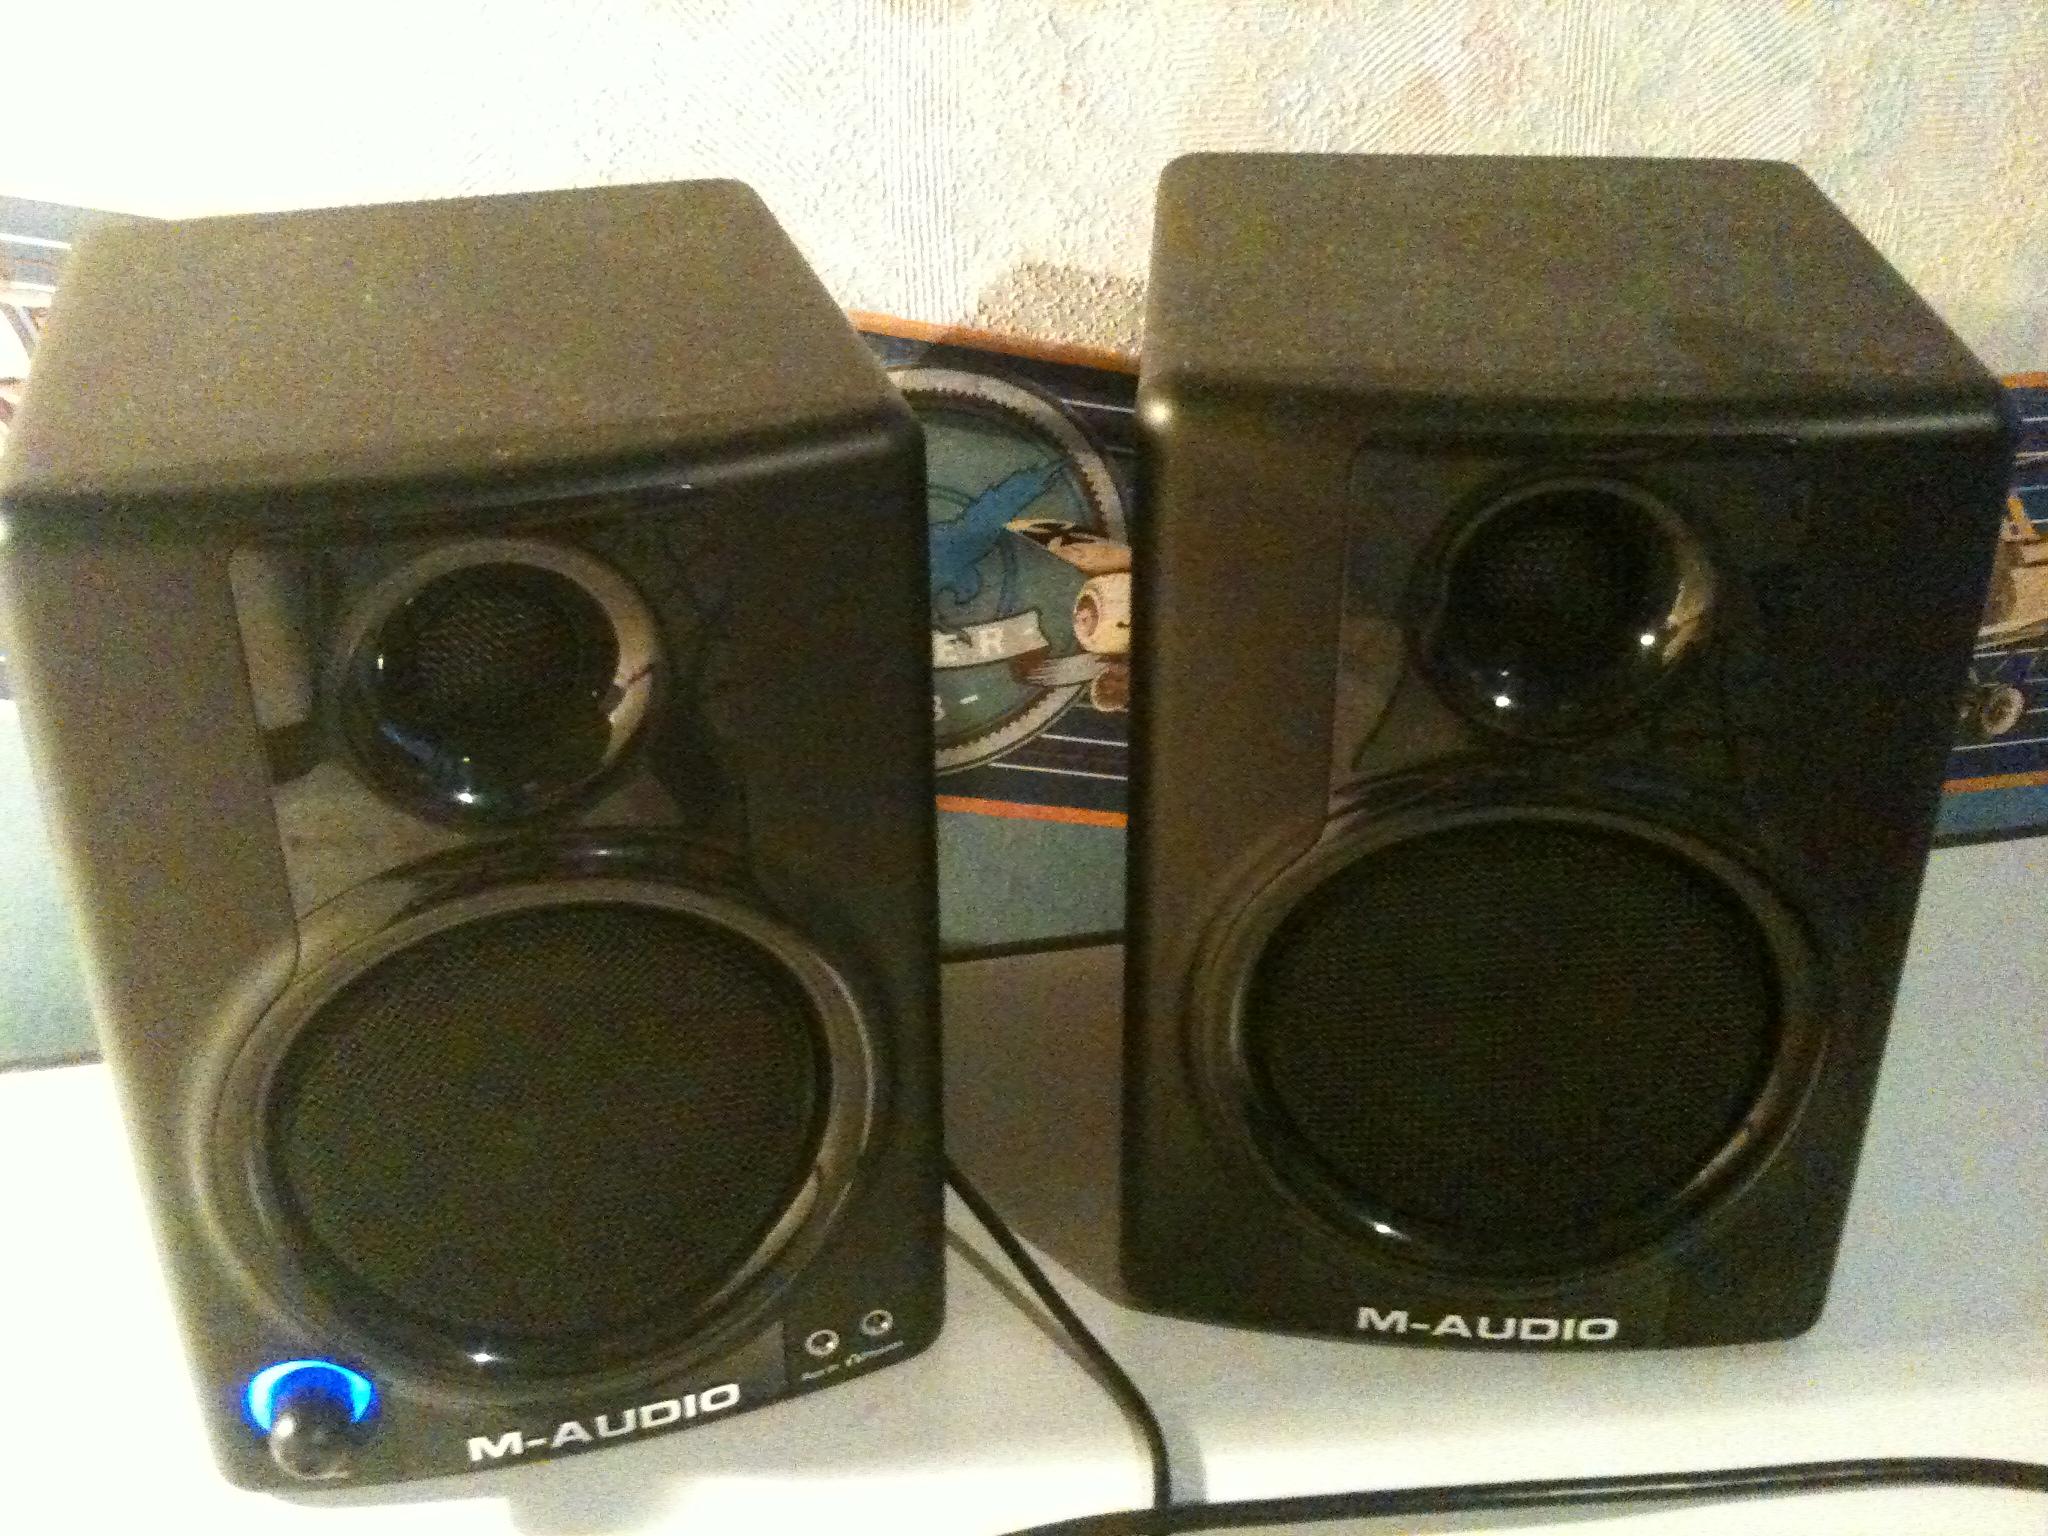 M-Audio <b>AV 30</b> image (#229711) - Audiofanzine